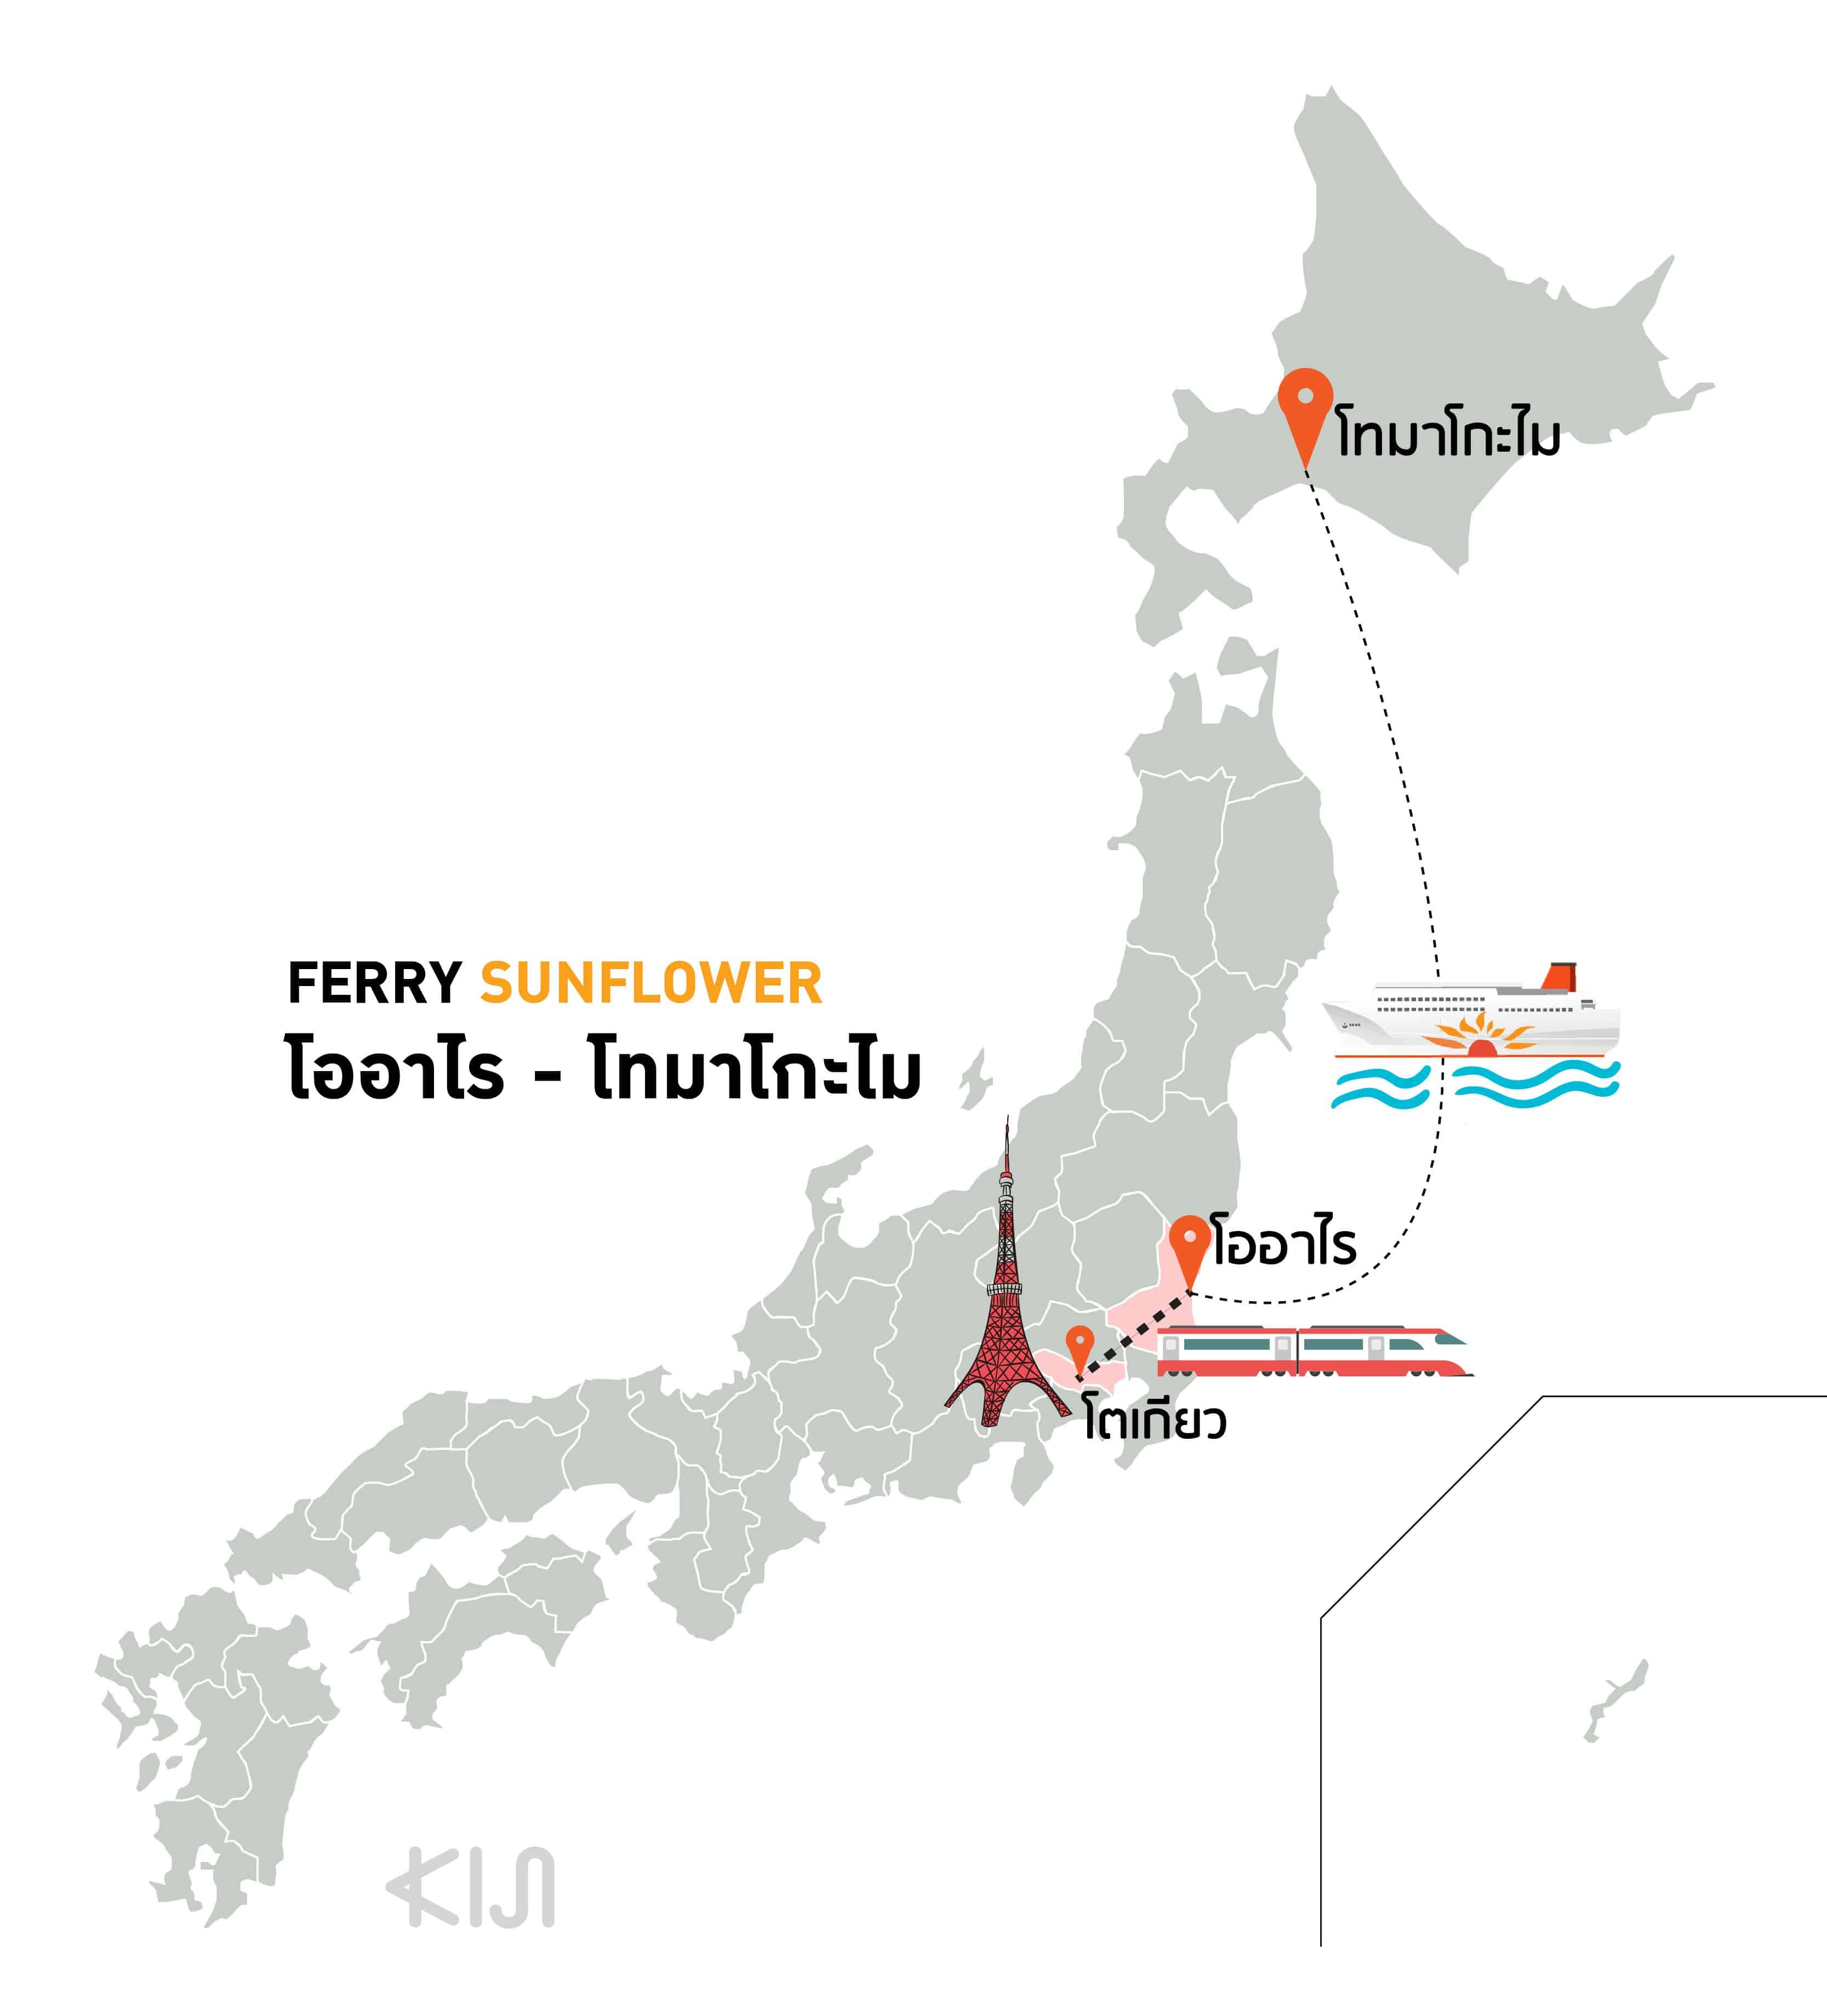 เส้นทางการเดินทางของเรือเฟอร์รี่ซันฟลาวเวอร์ (Ferry Sunflower) ที่มุ่งหน้าจากเมืองโออาไร (Oarai) สู่เมืองโทมาโกะไม (Tomakomai)